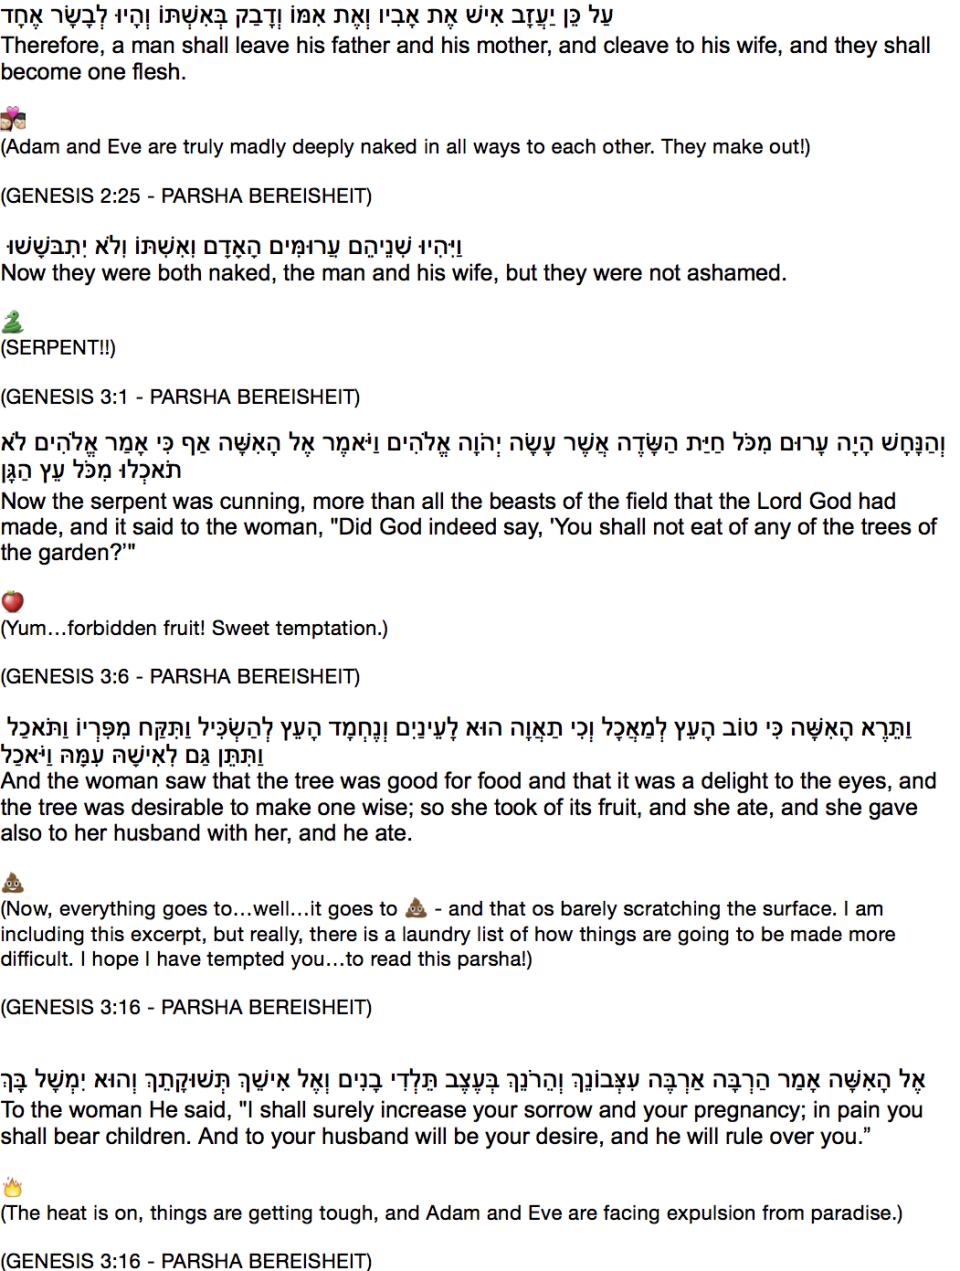 3 Emoji D'var Torah 10:15:14TRANSLITERATED 2